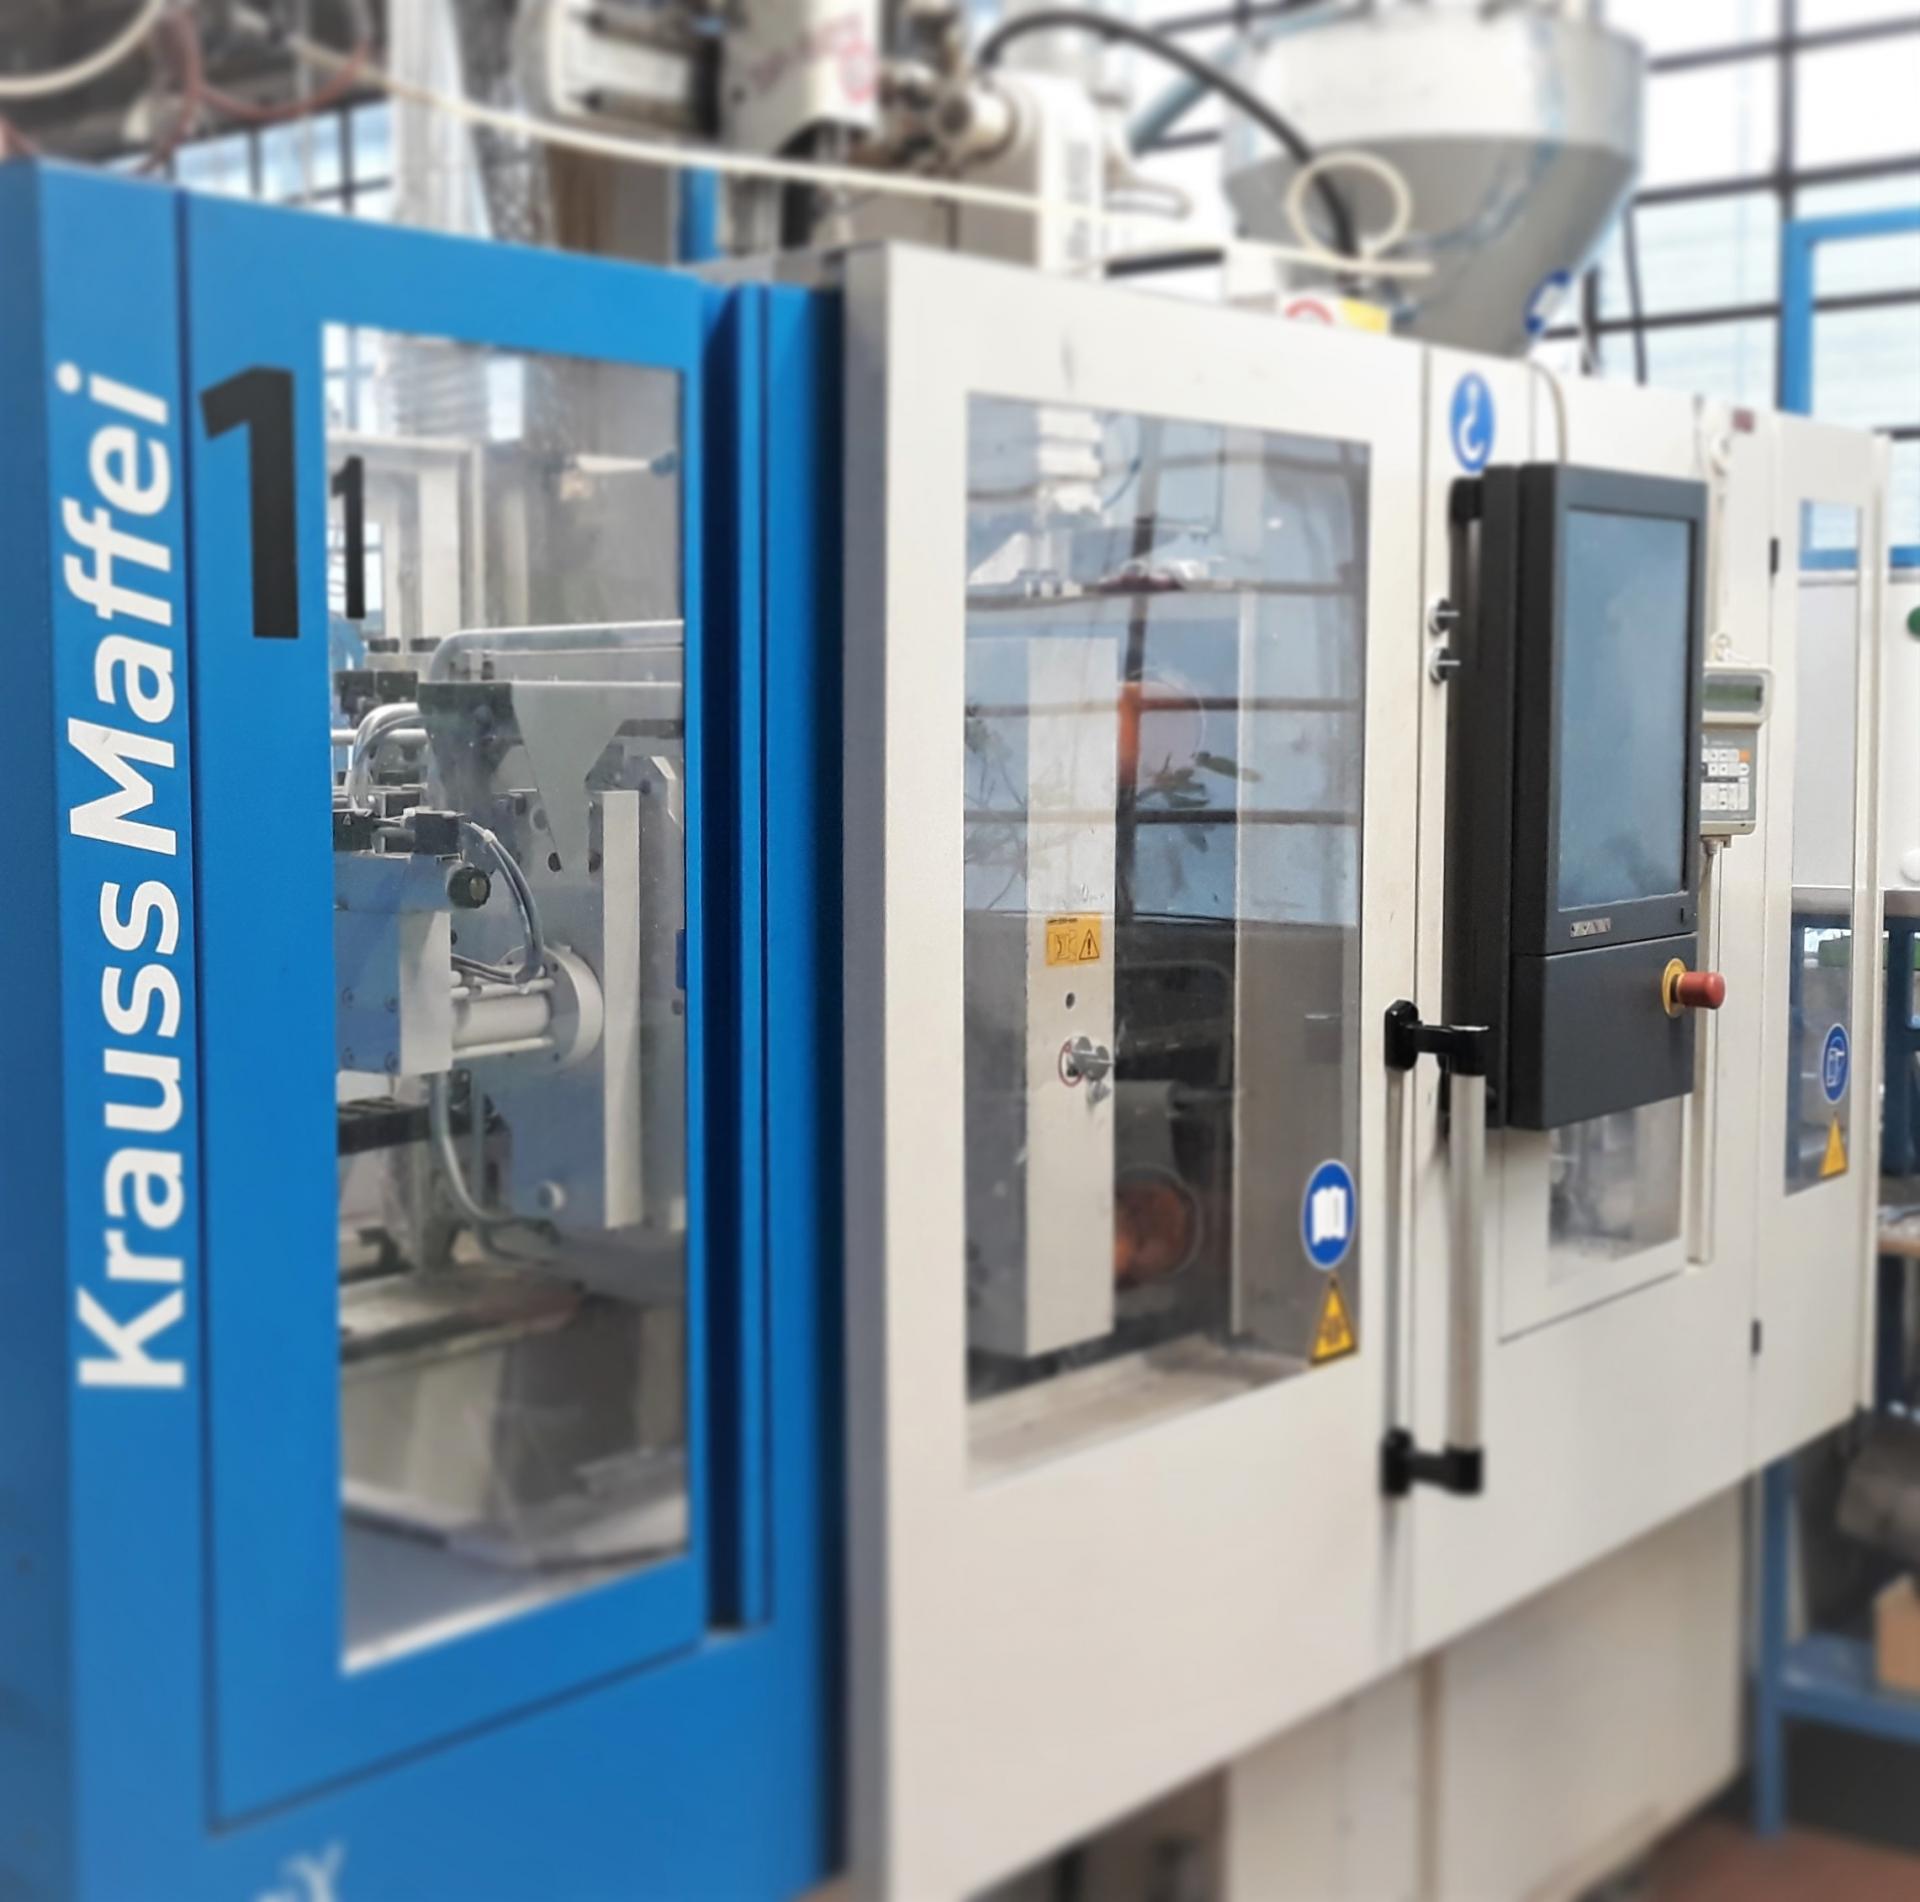 3 injection molding machines Krauss Maffei